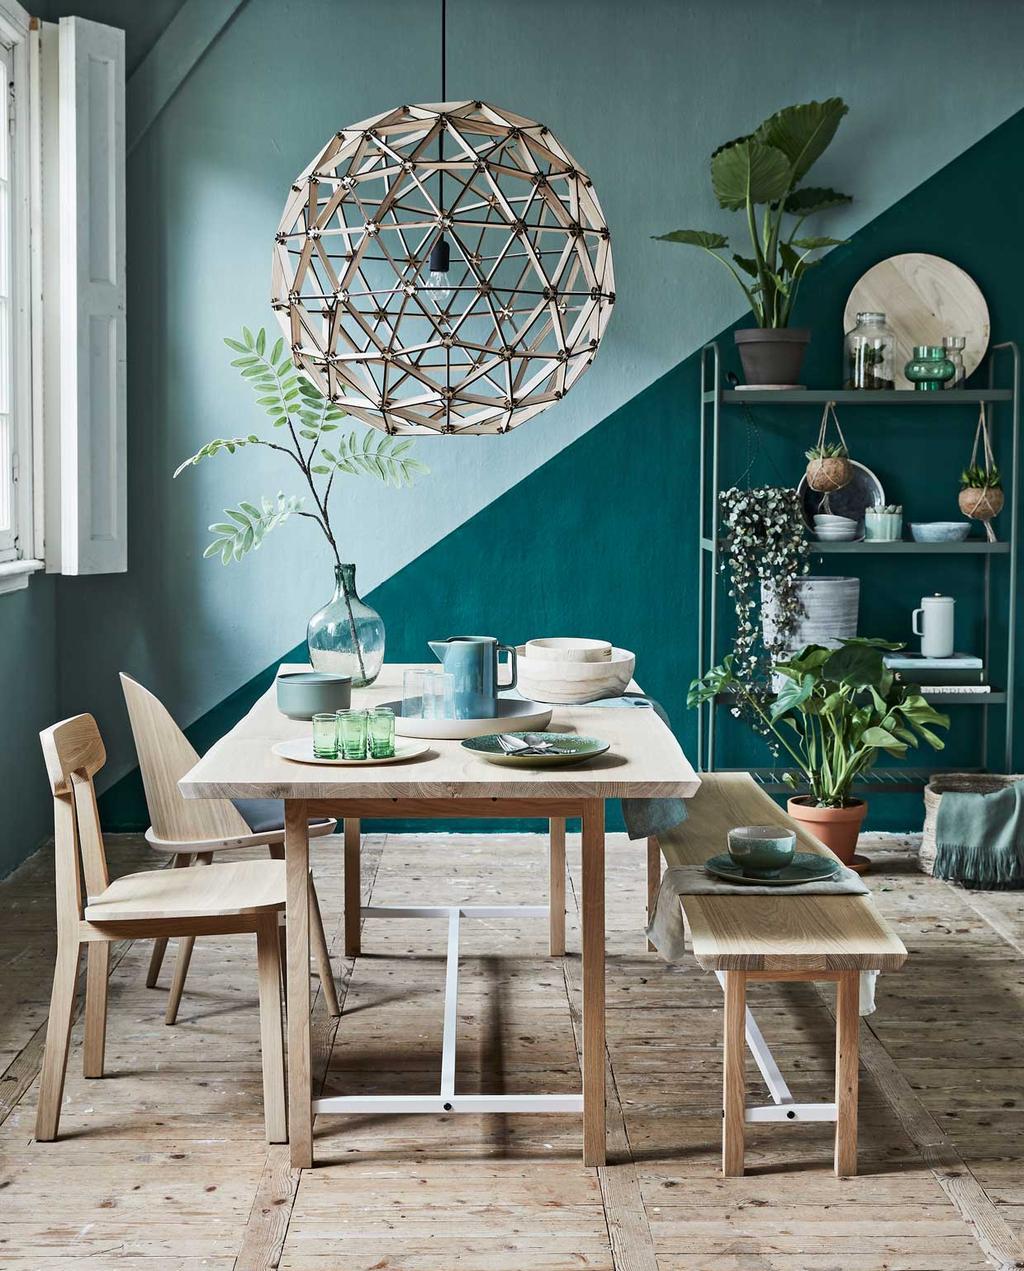 woonkamer   groen   eetkamer   diagonaal schilderen   hanglamp   houten eettafel